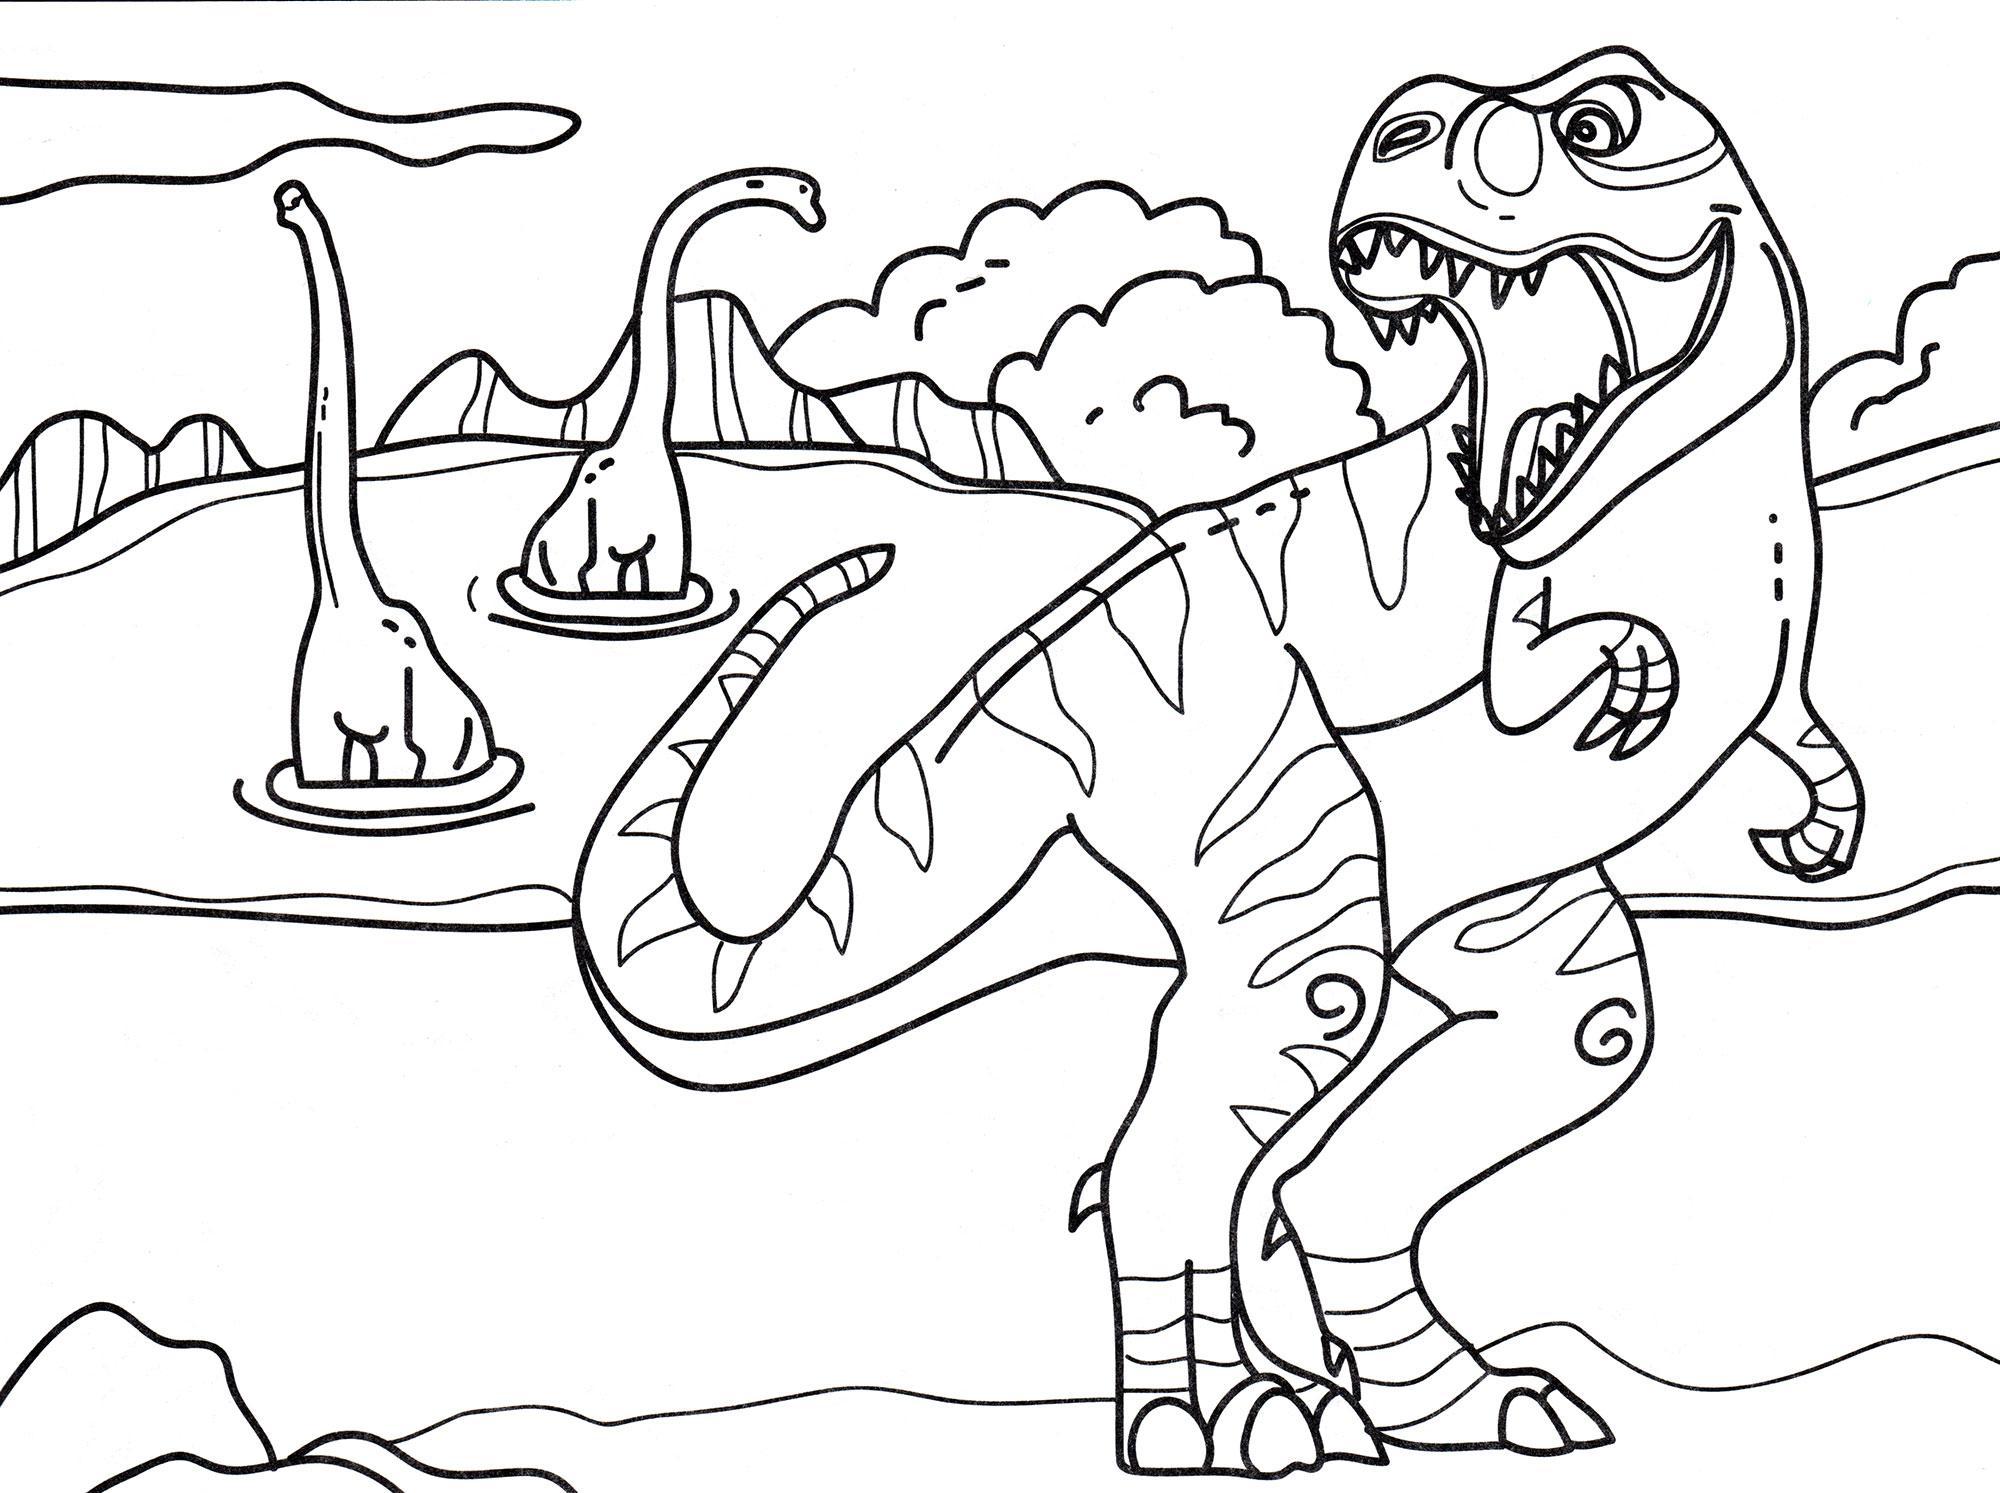 раскраска динозавр тиранозавр охотится